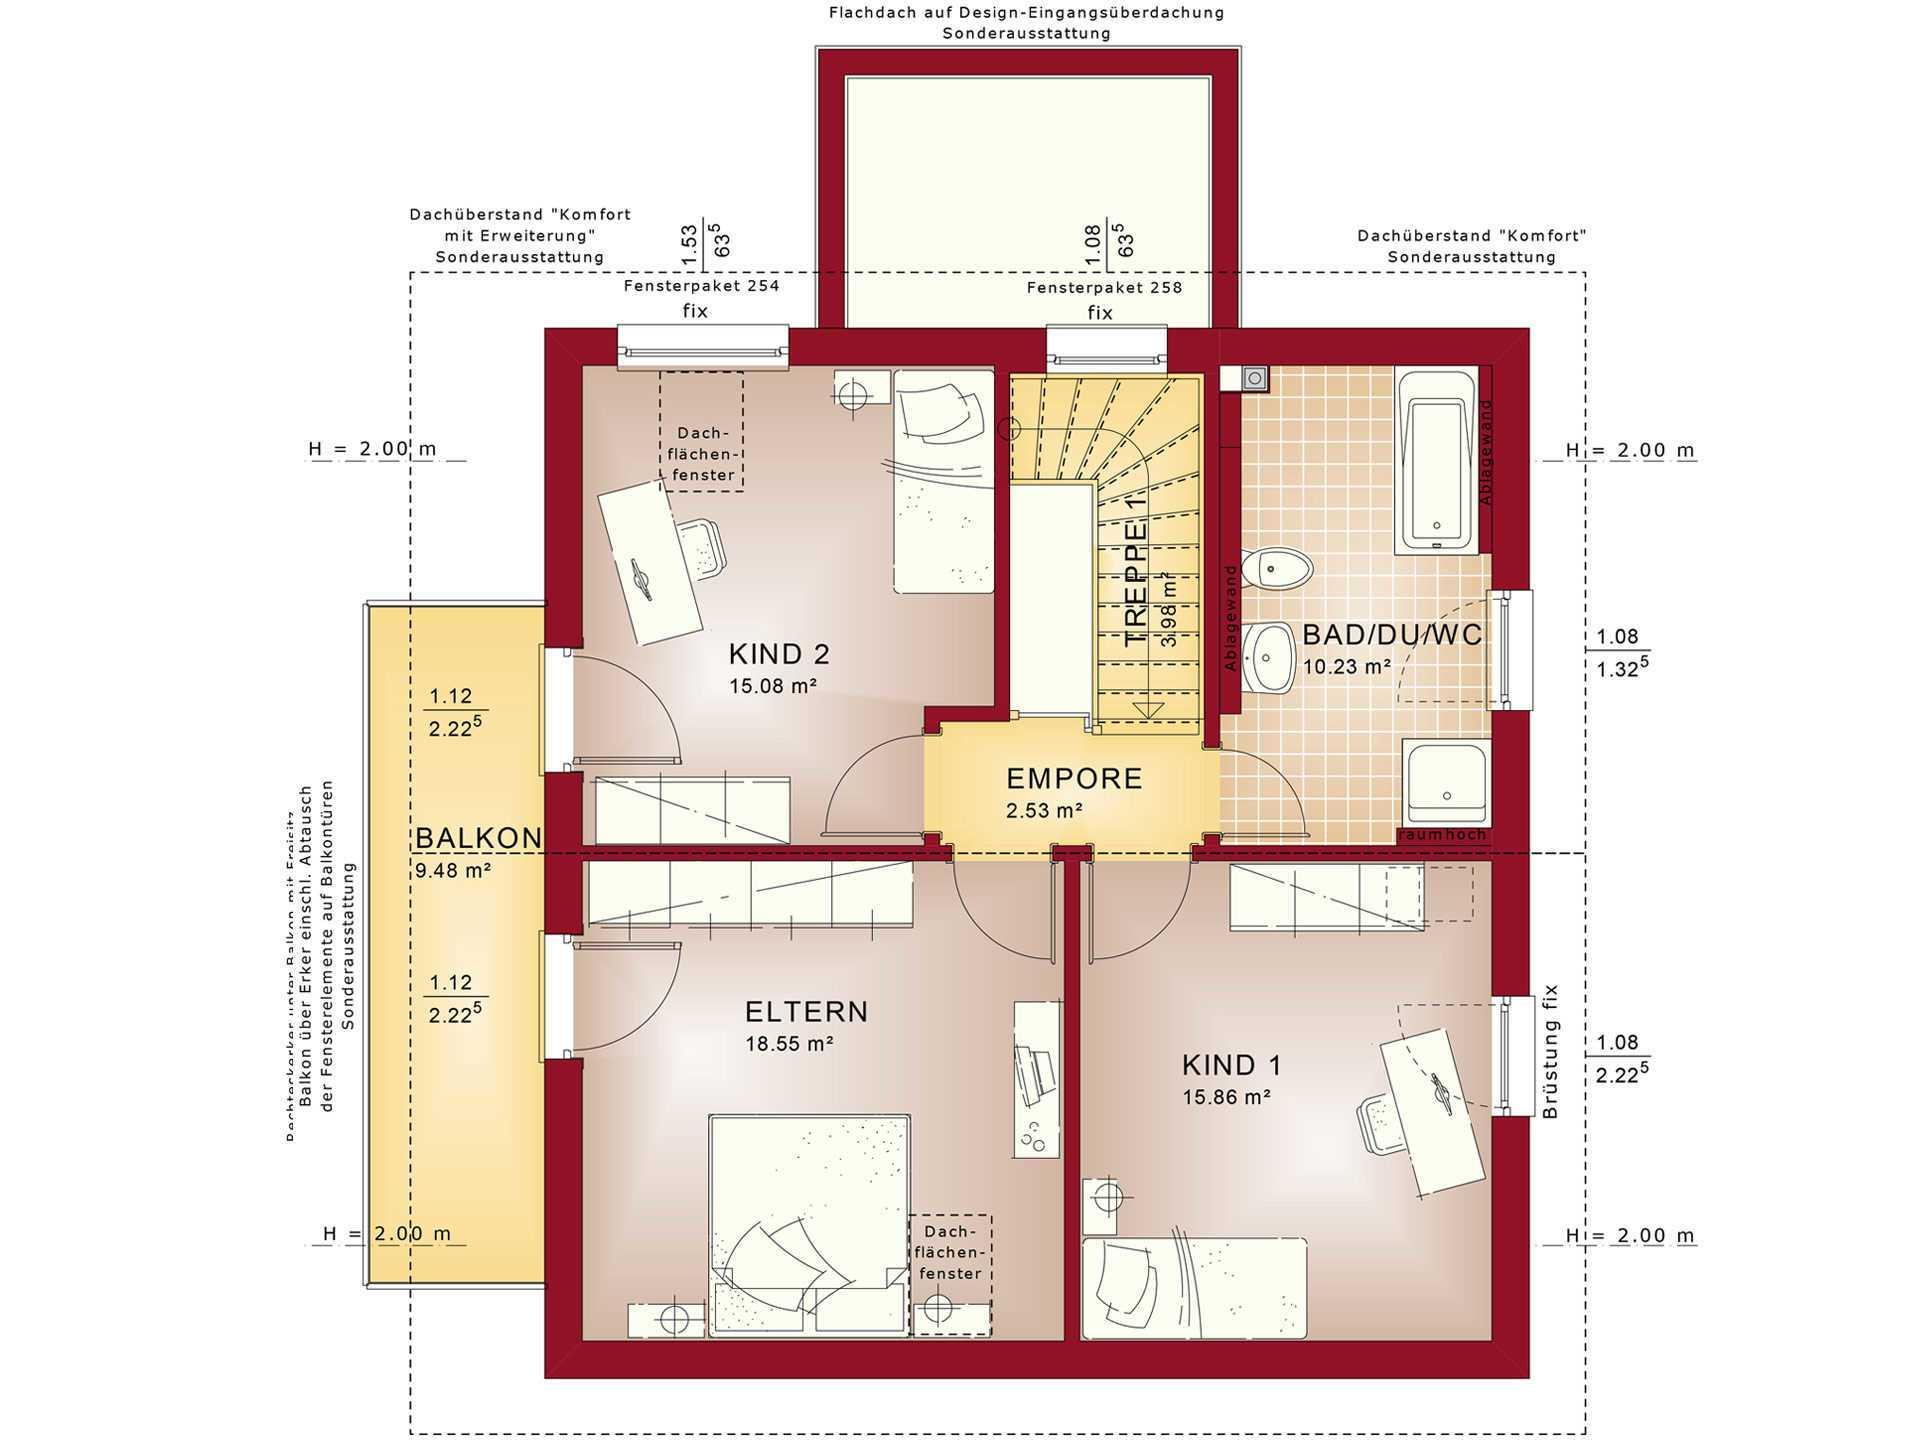 elebration 134 V8 - infamilienhaus - Bien-Zenker